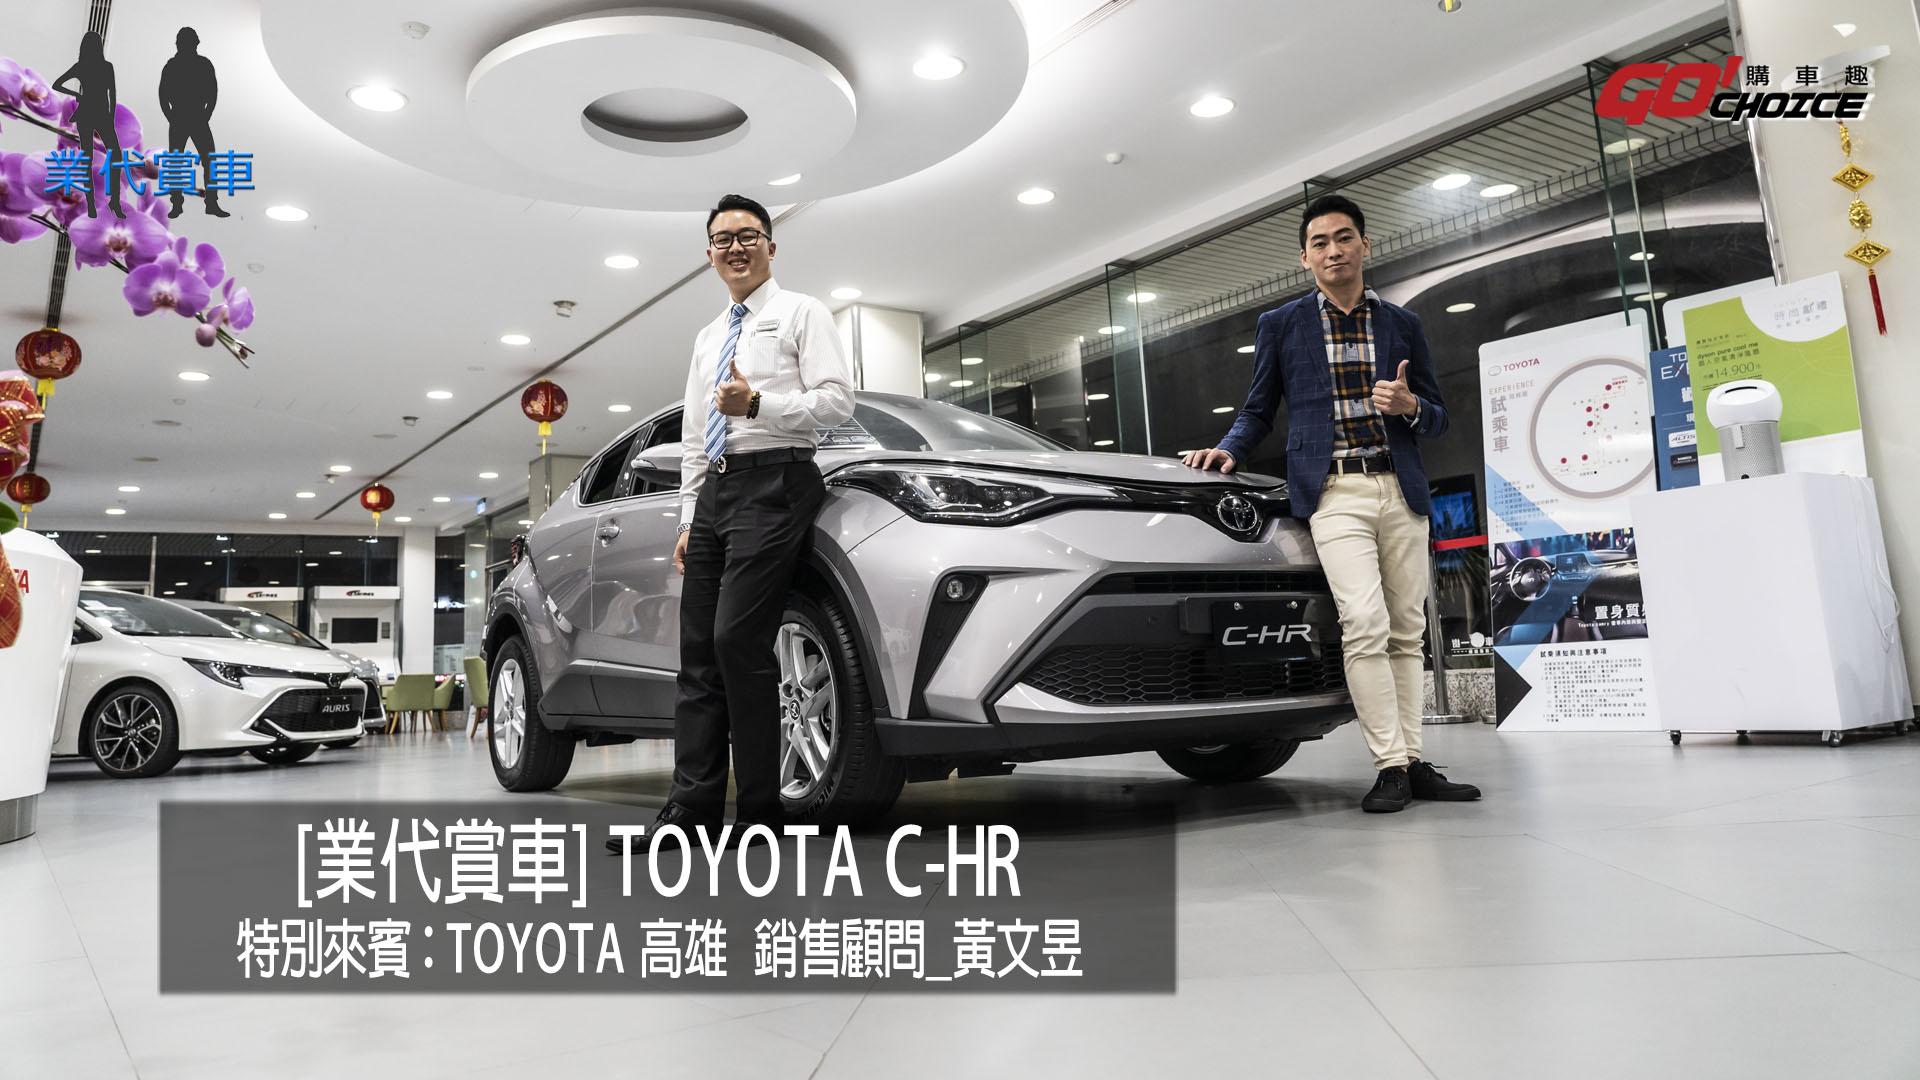 業代賞車-全新小改款Toyota C-HR來囉!Toyota高雄 銷售顧問-黃文昱